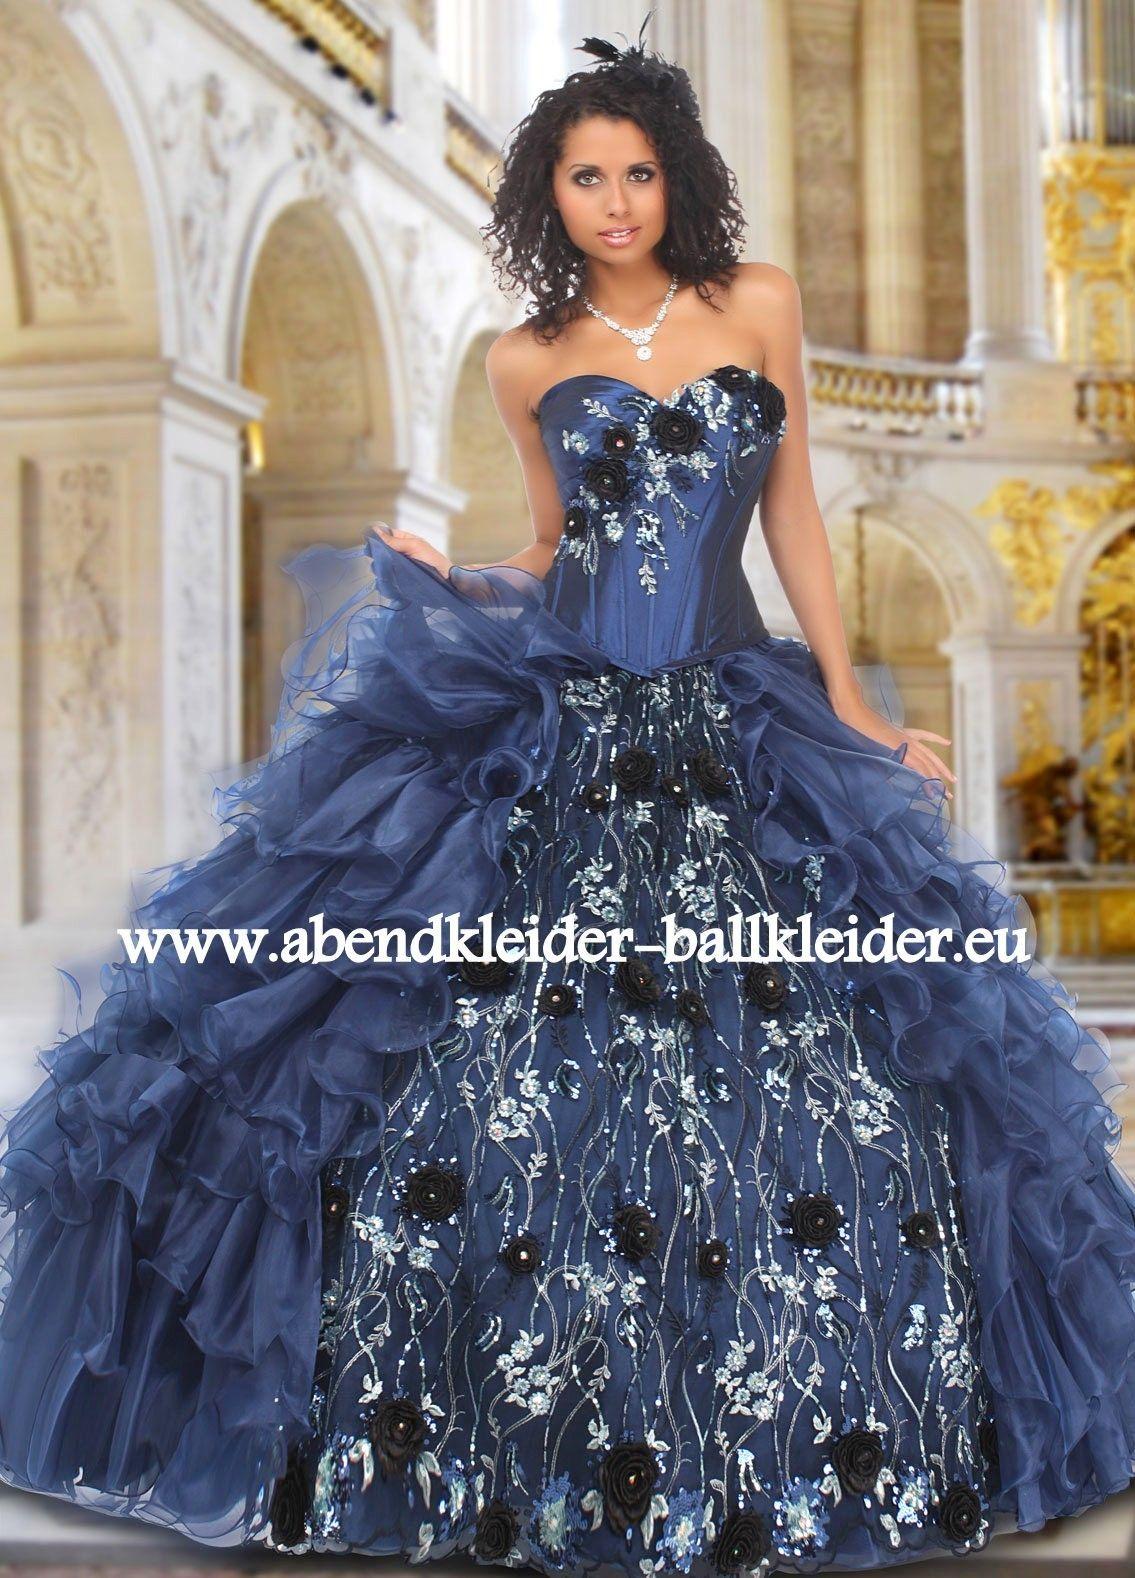 Metallic Look Abendkleid Ballkleid in Dunkel Blau | Ballkleider 2018 ...